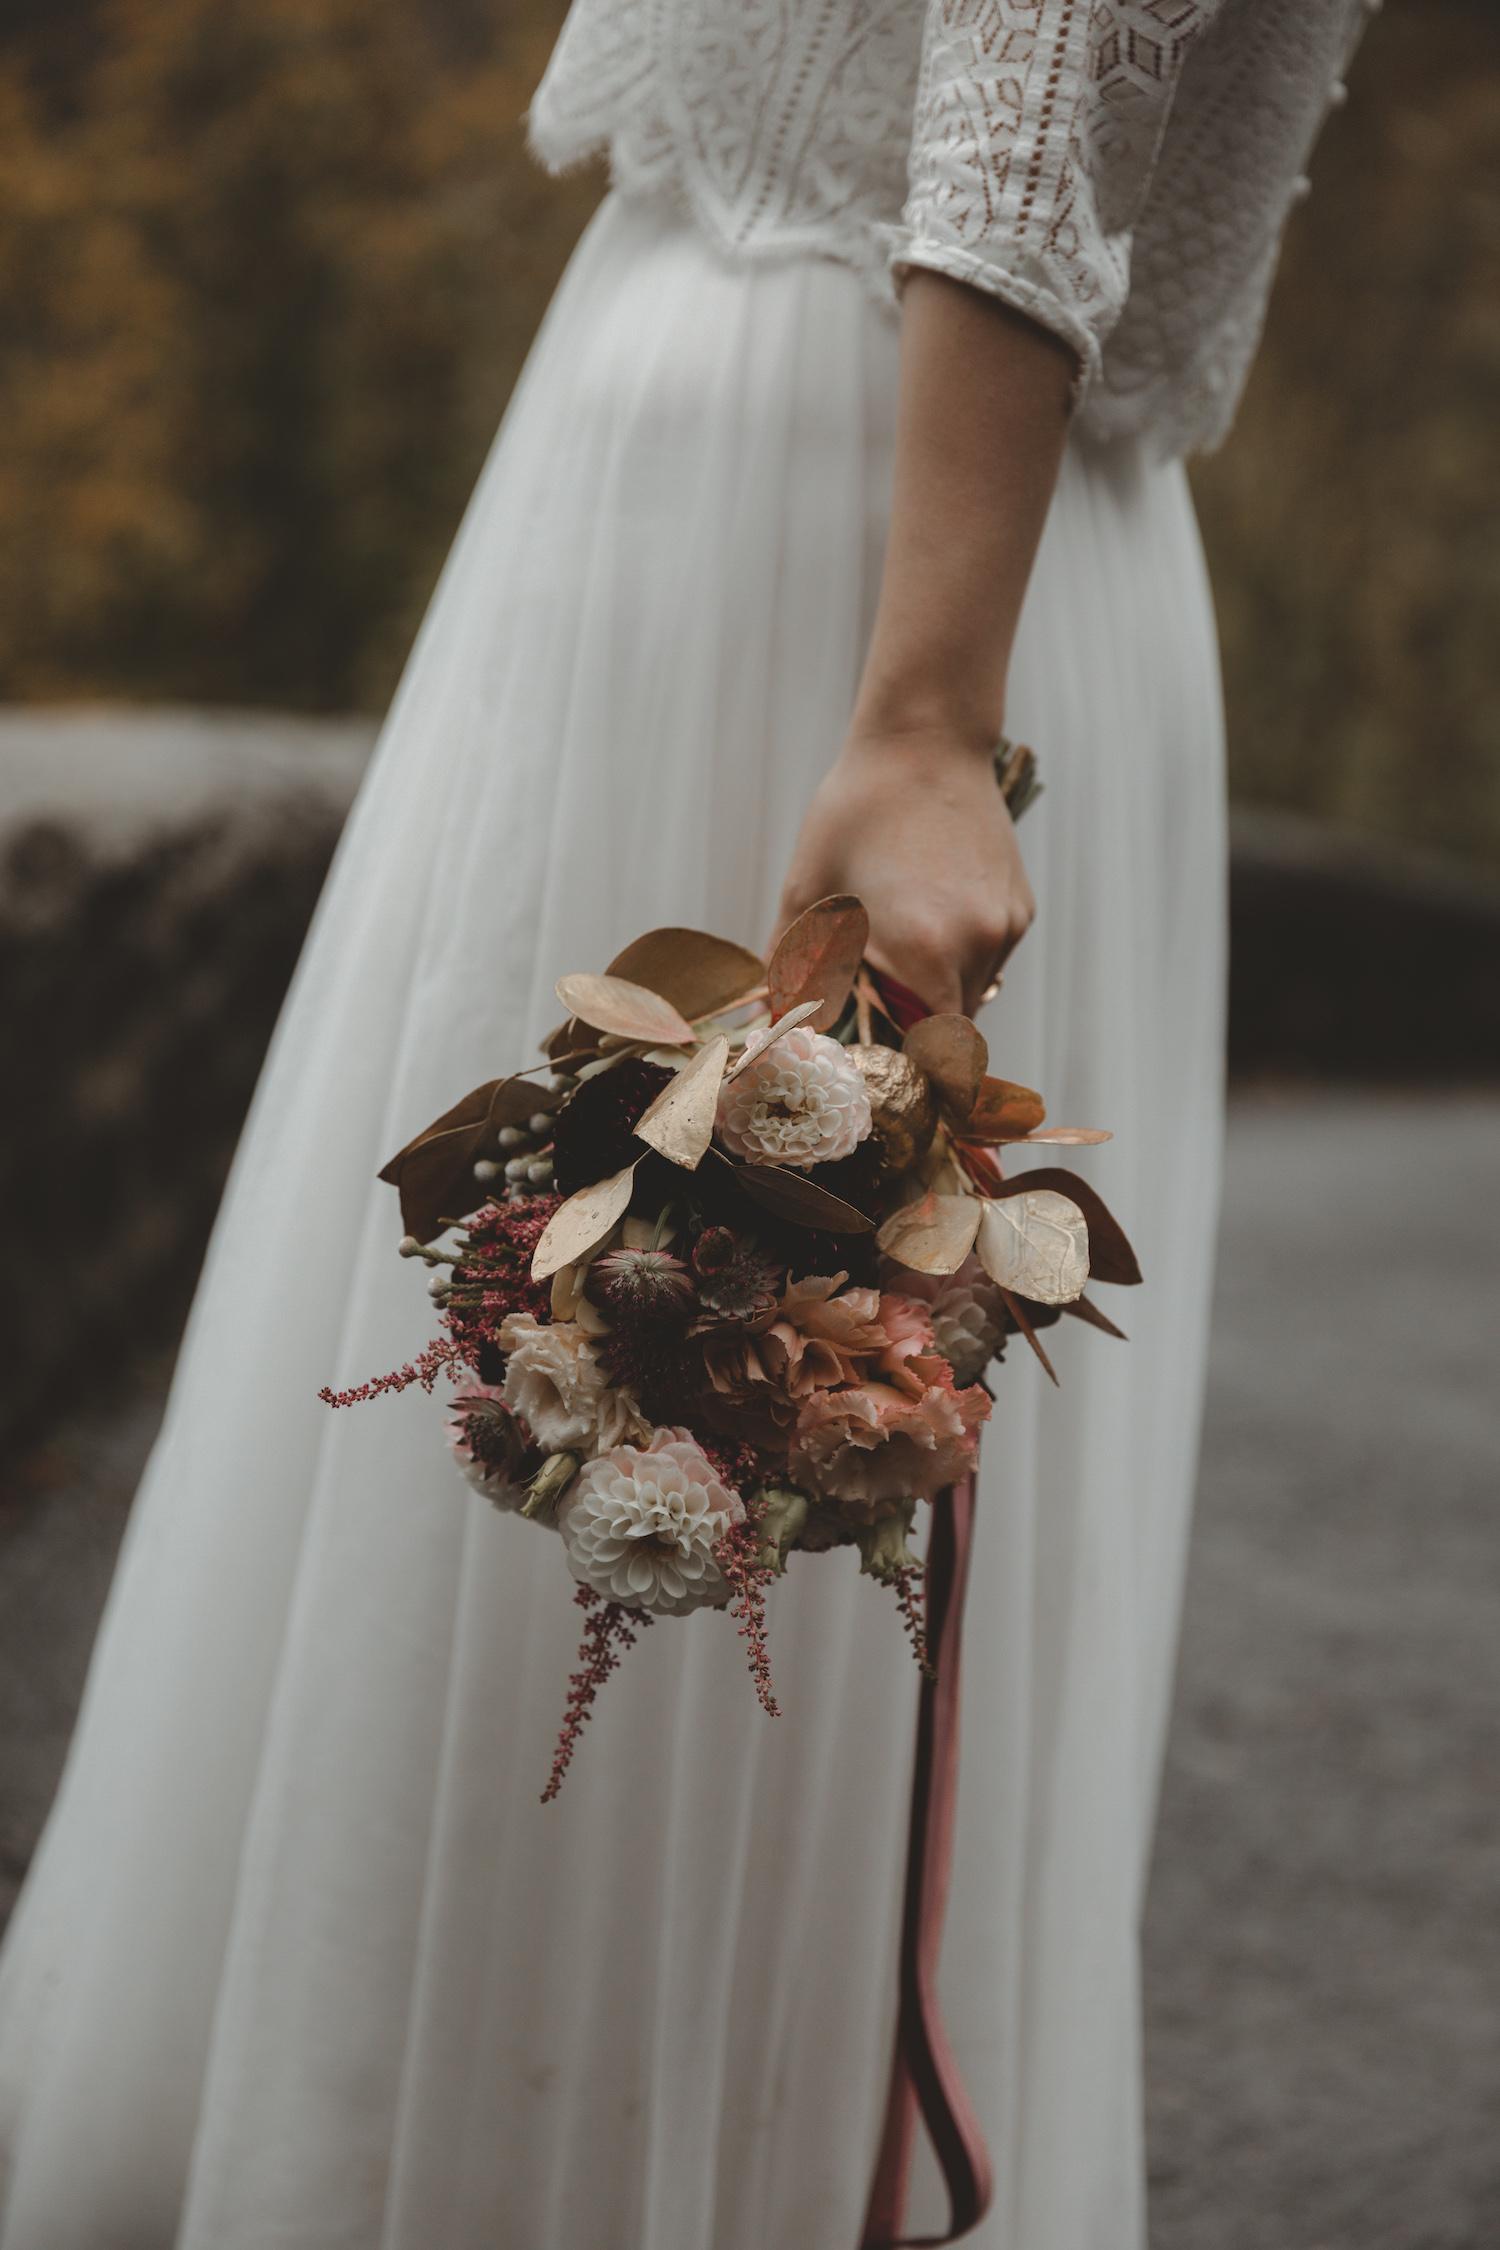 noni Brautmode Herbsthochzeit auf Burg Eltz von Influencerin beautelicieuse, Brautkleid mit Spitzentop und Tüllrock, Brautstrauss